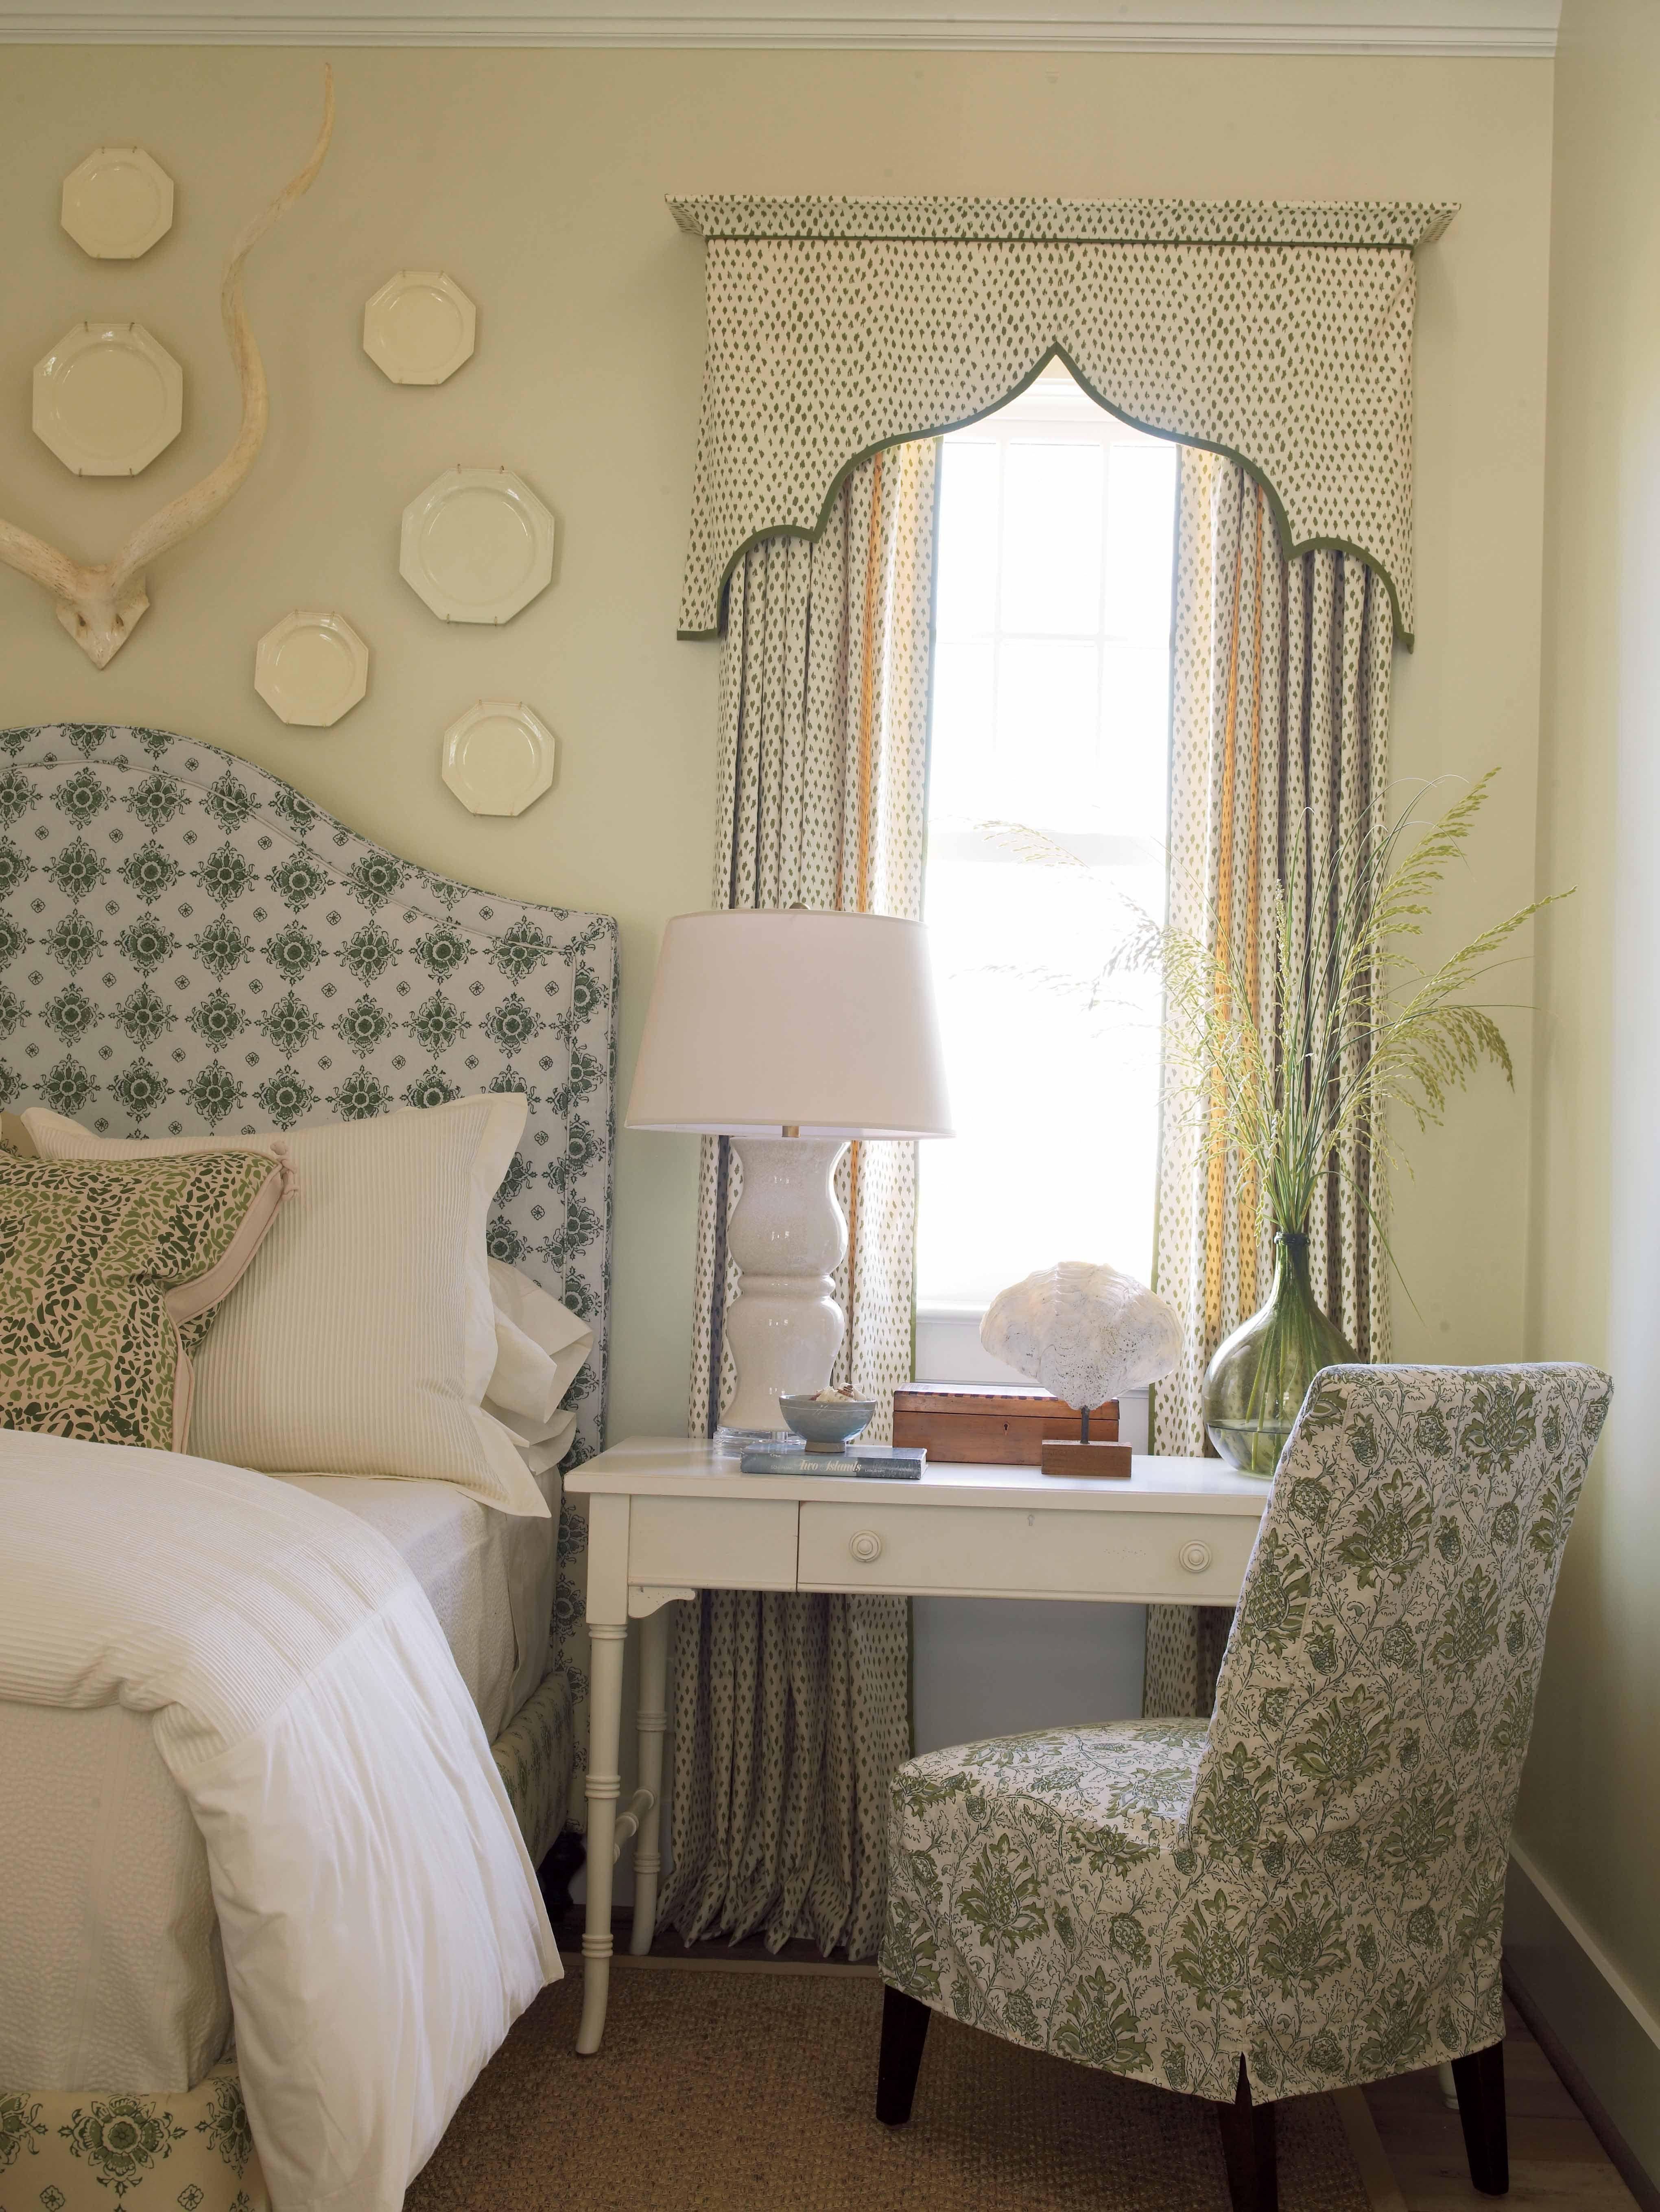 Phoebe howard vintage pinterest cortinas dormitorio for Decoracion de interiores cortinas